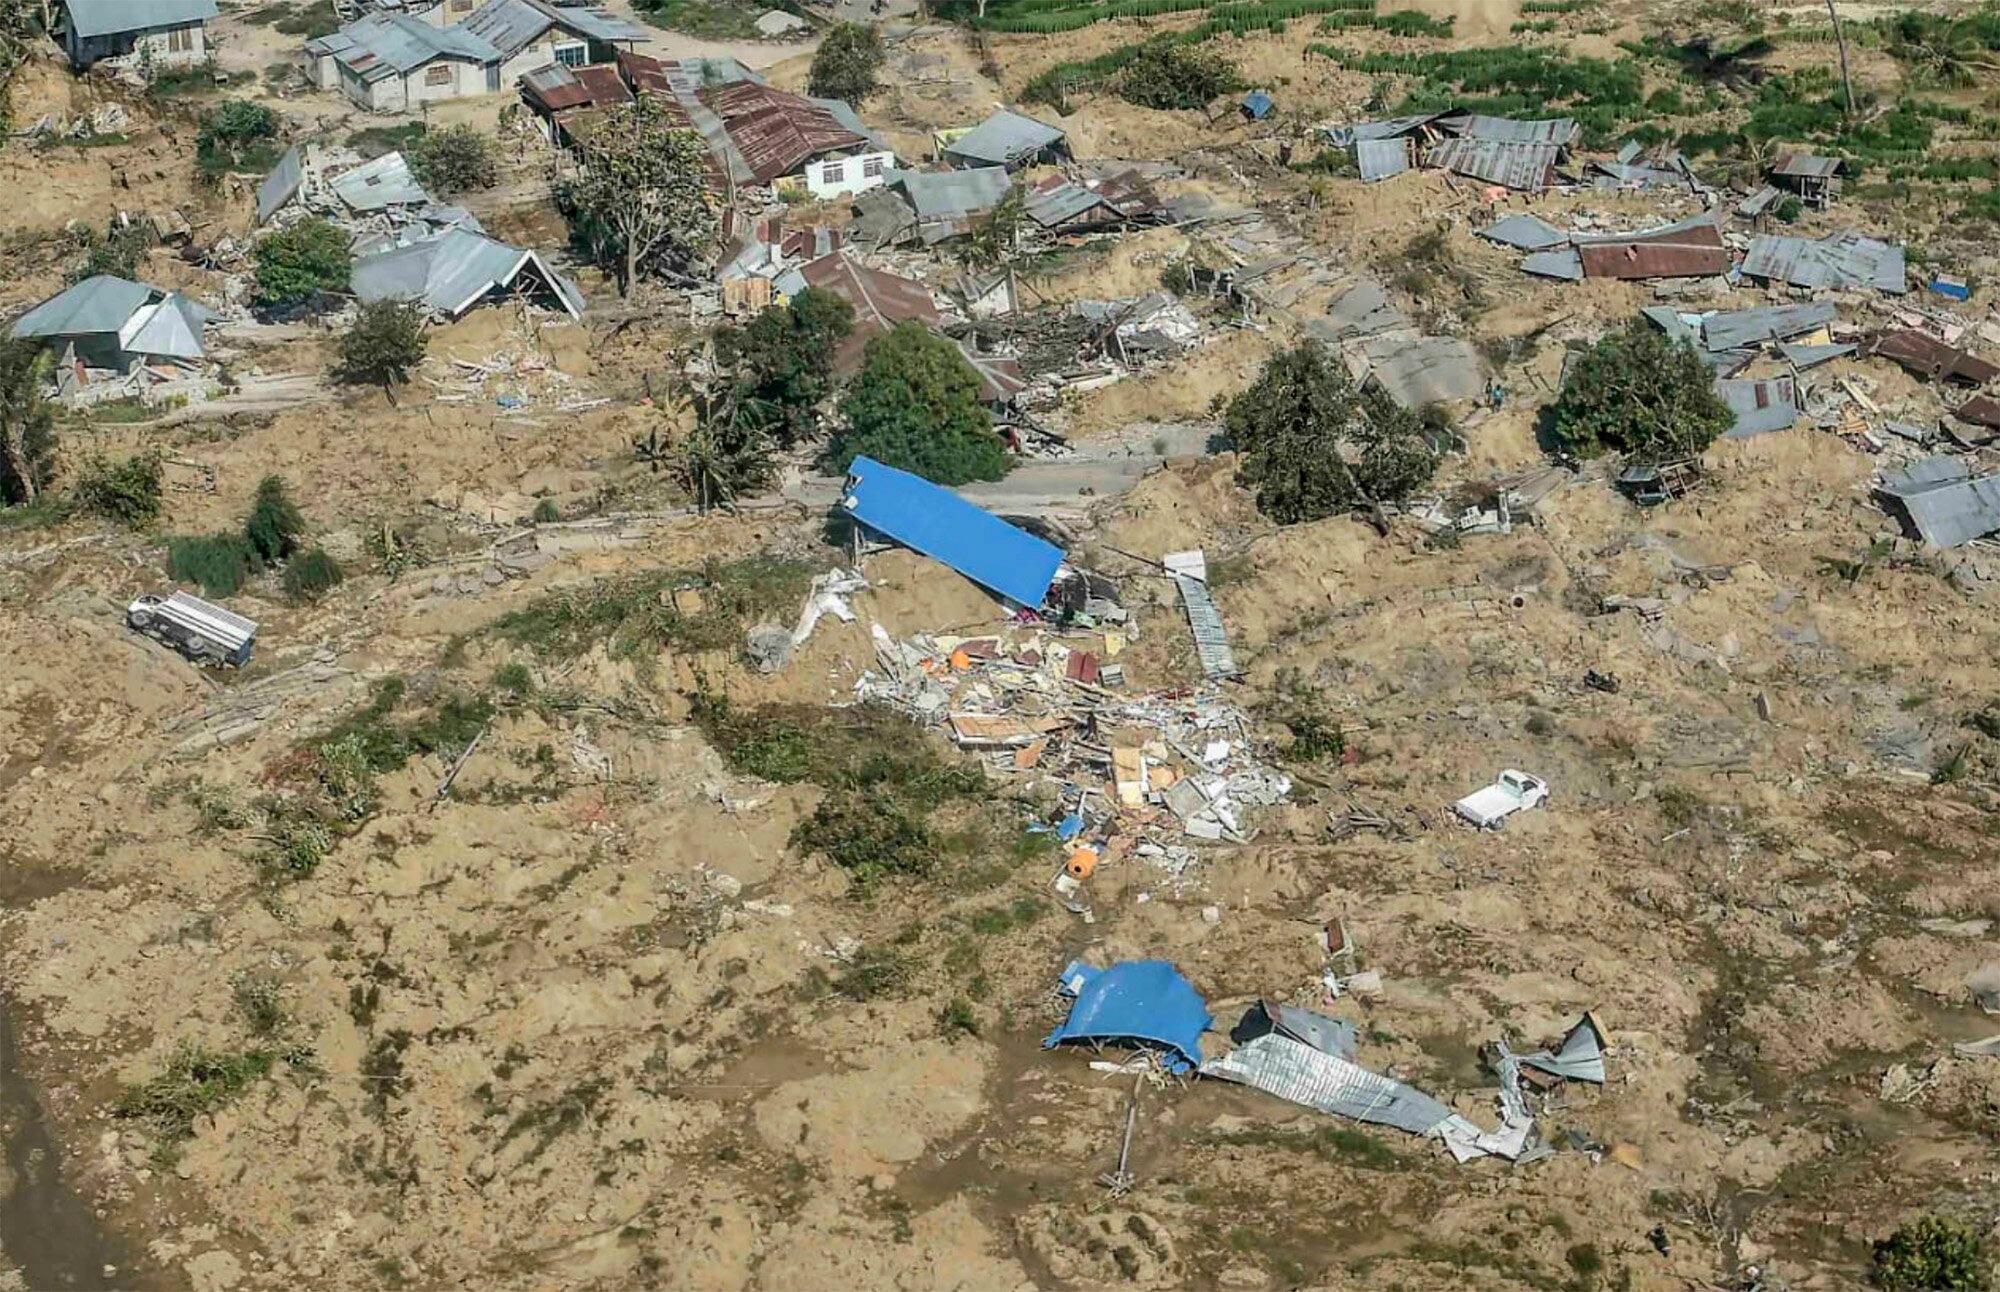 Les autorités indonésiennes ont annoncé, dimanche 30 septembre, qu'elles allaient procéder à des enterrements de masse pour prévenir les risques sanitaires.